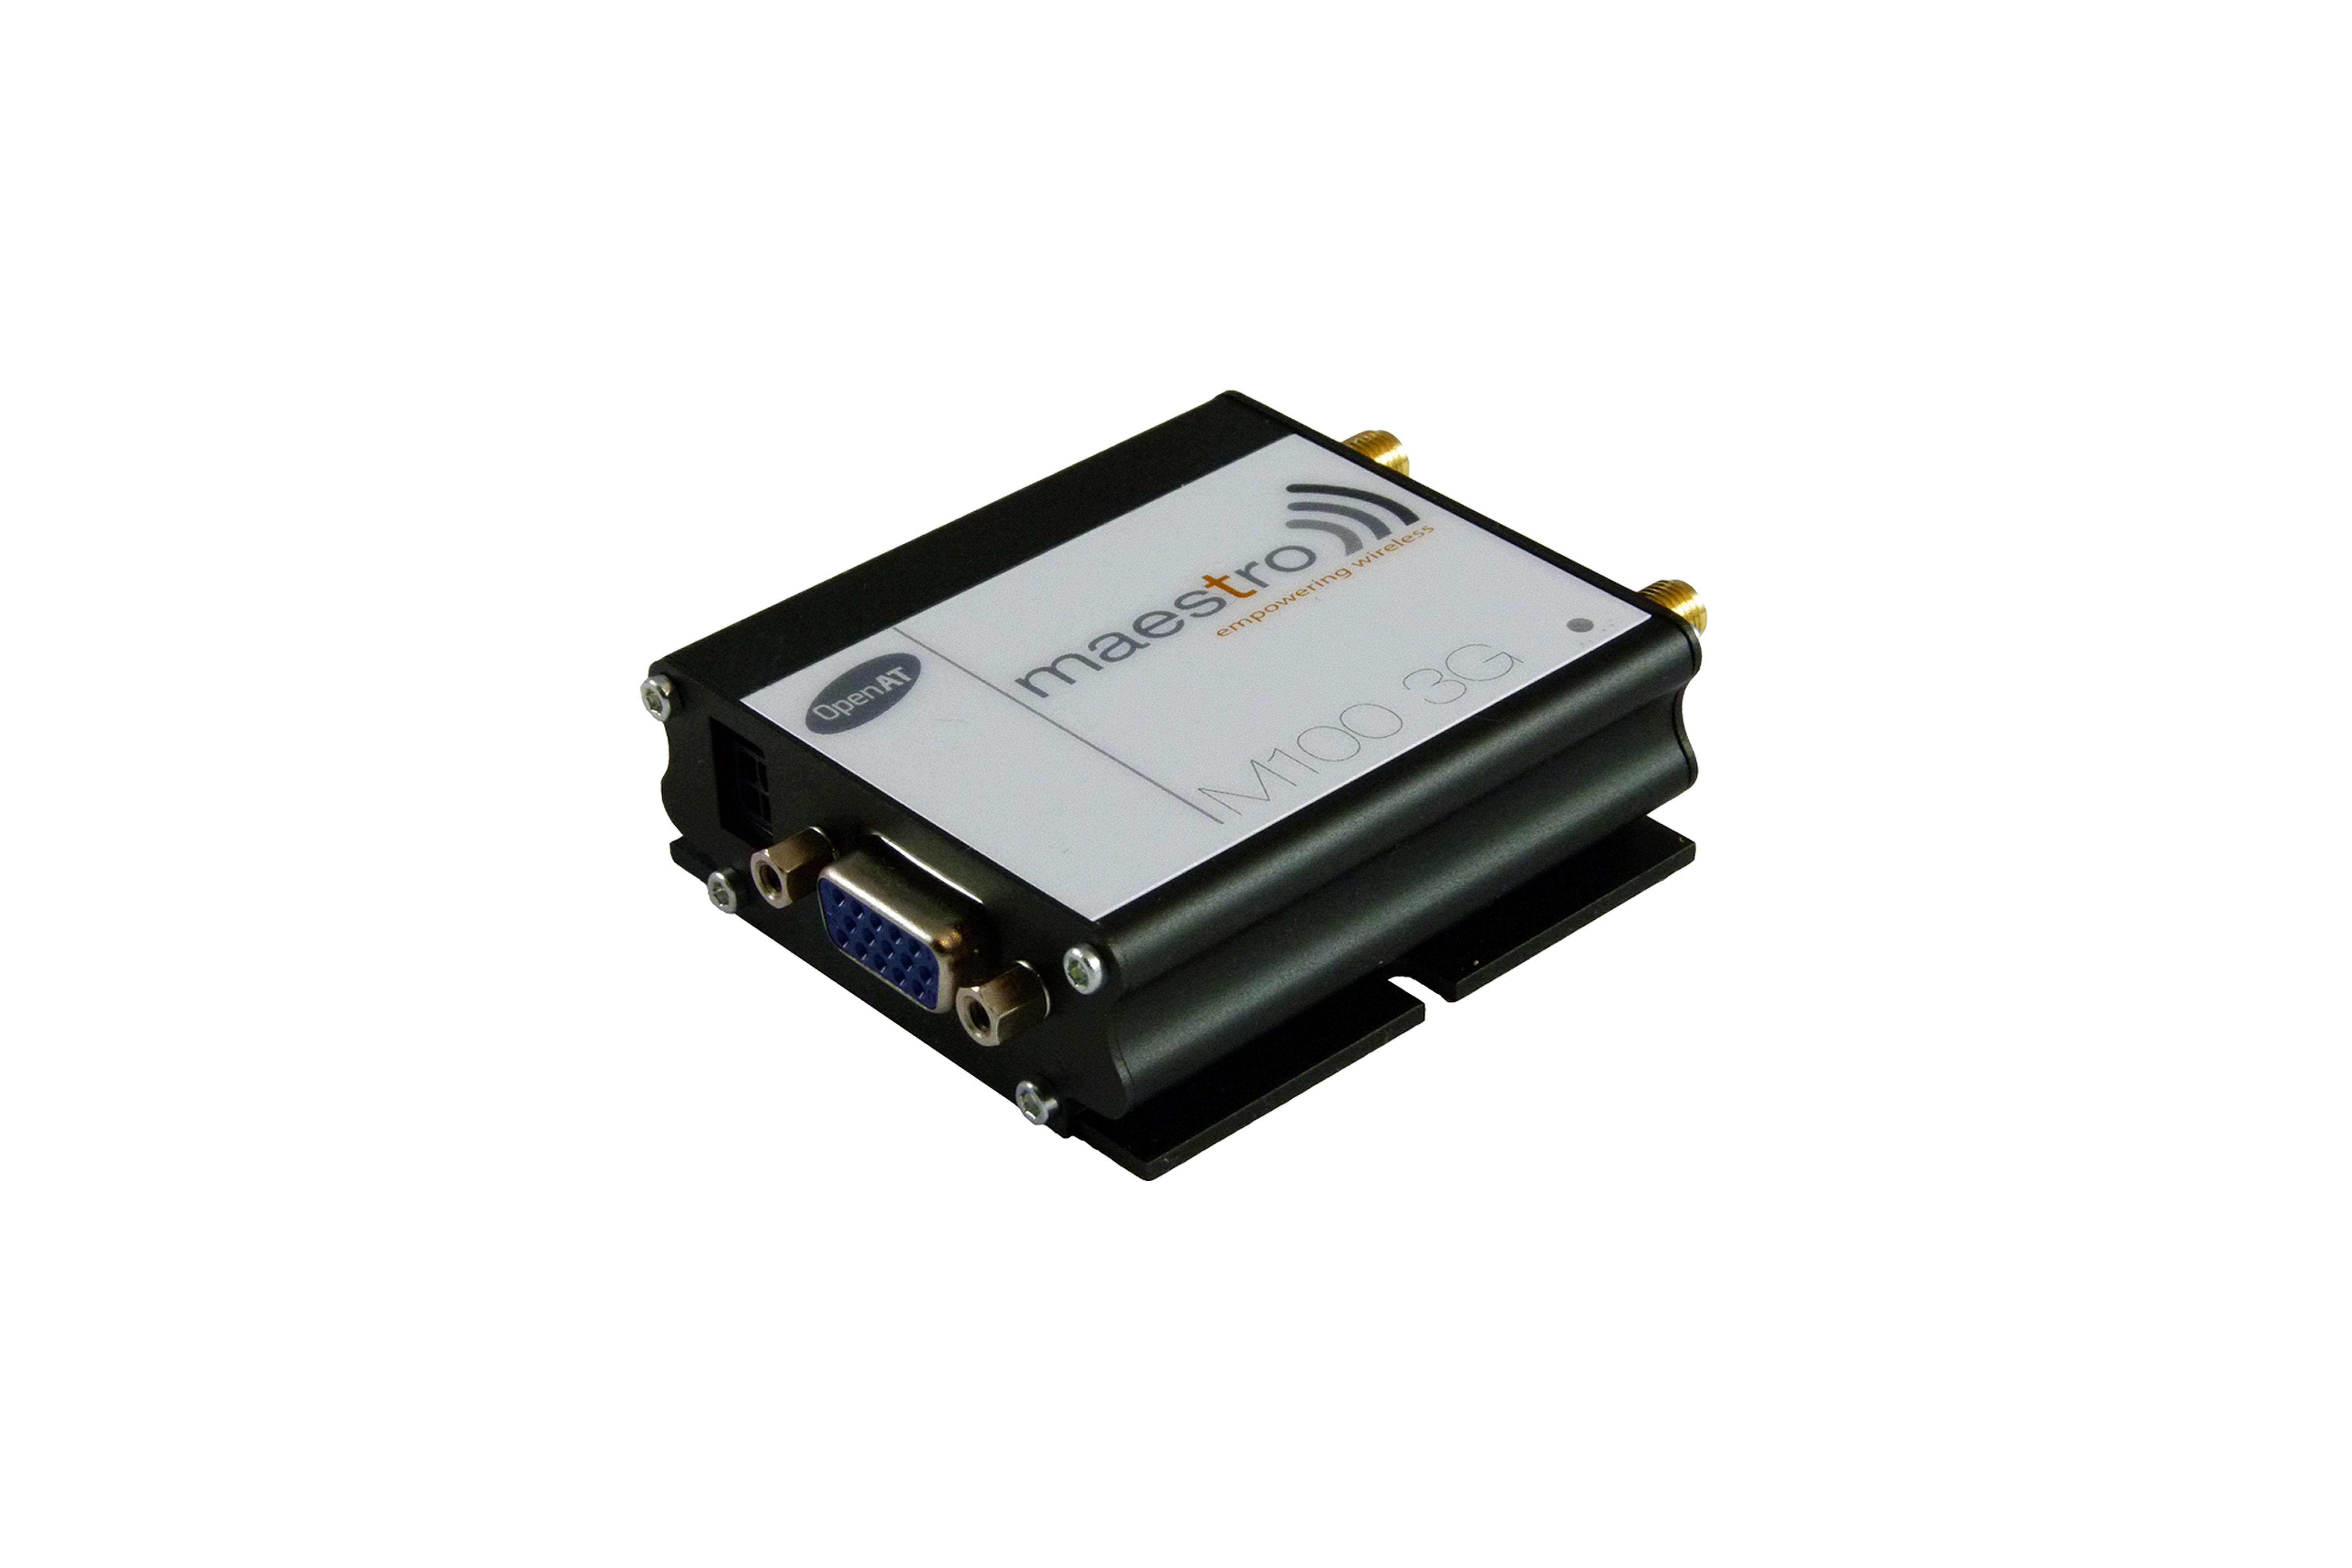 Modem GPS UTMS 3G M1003G-02 RS232